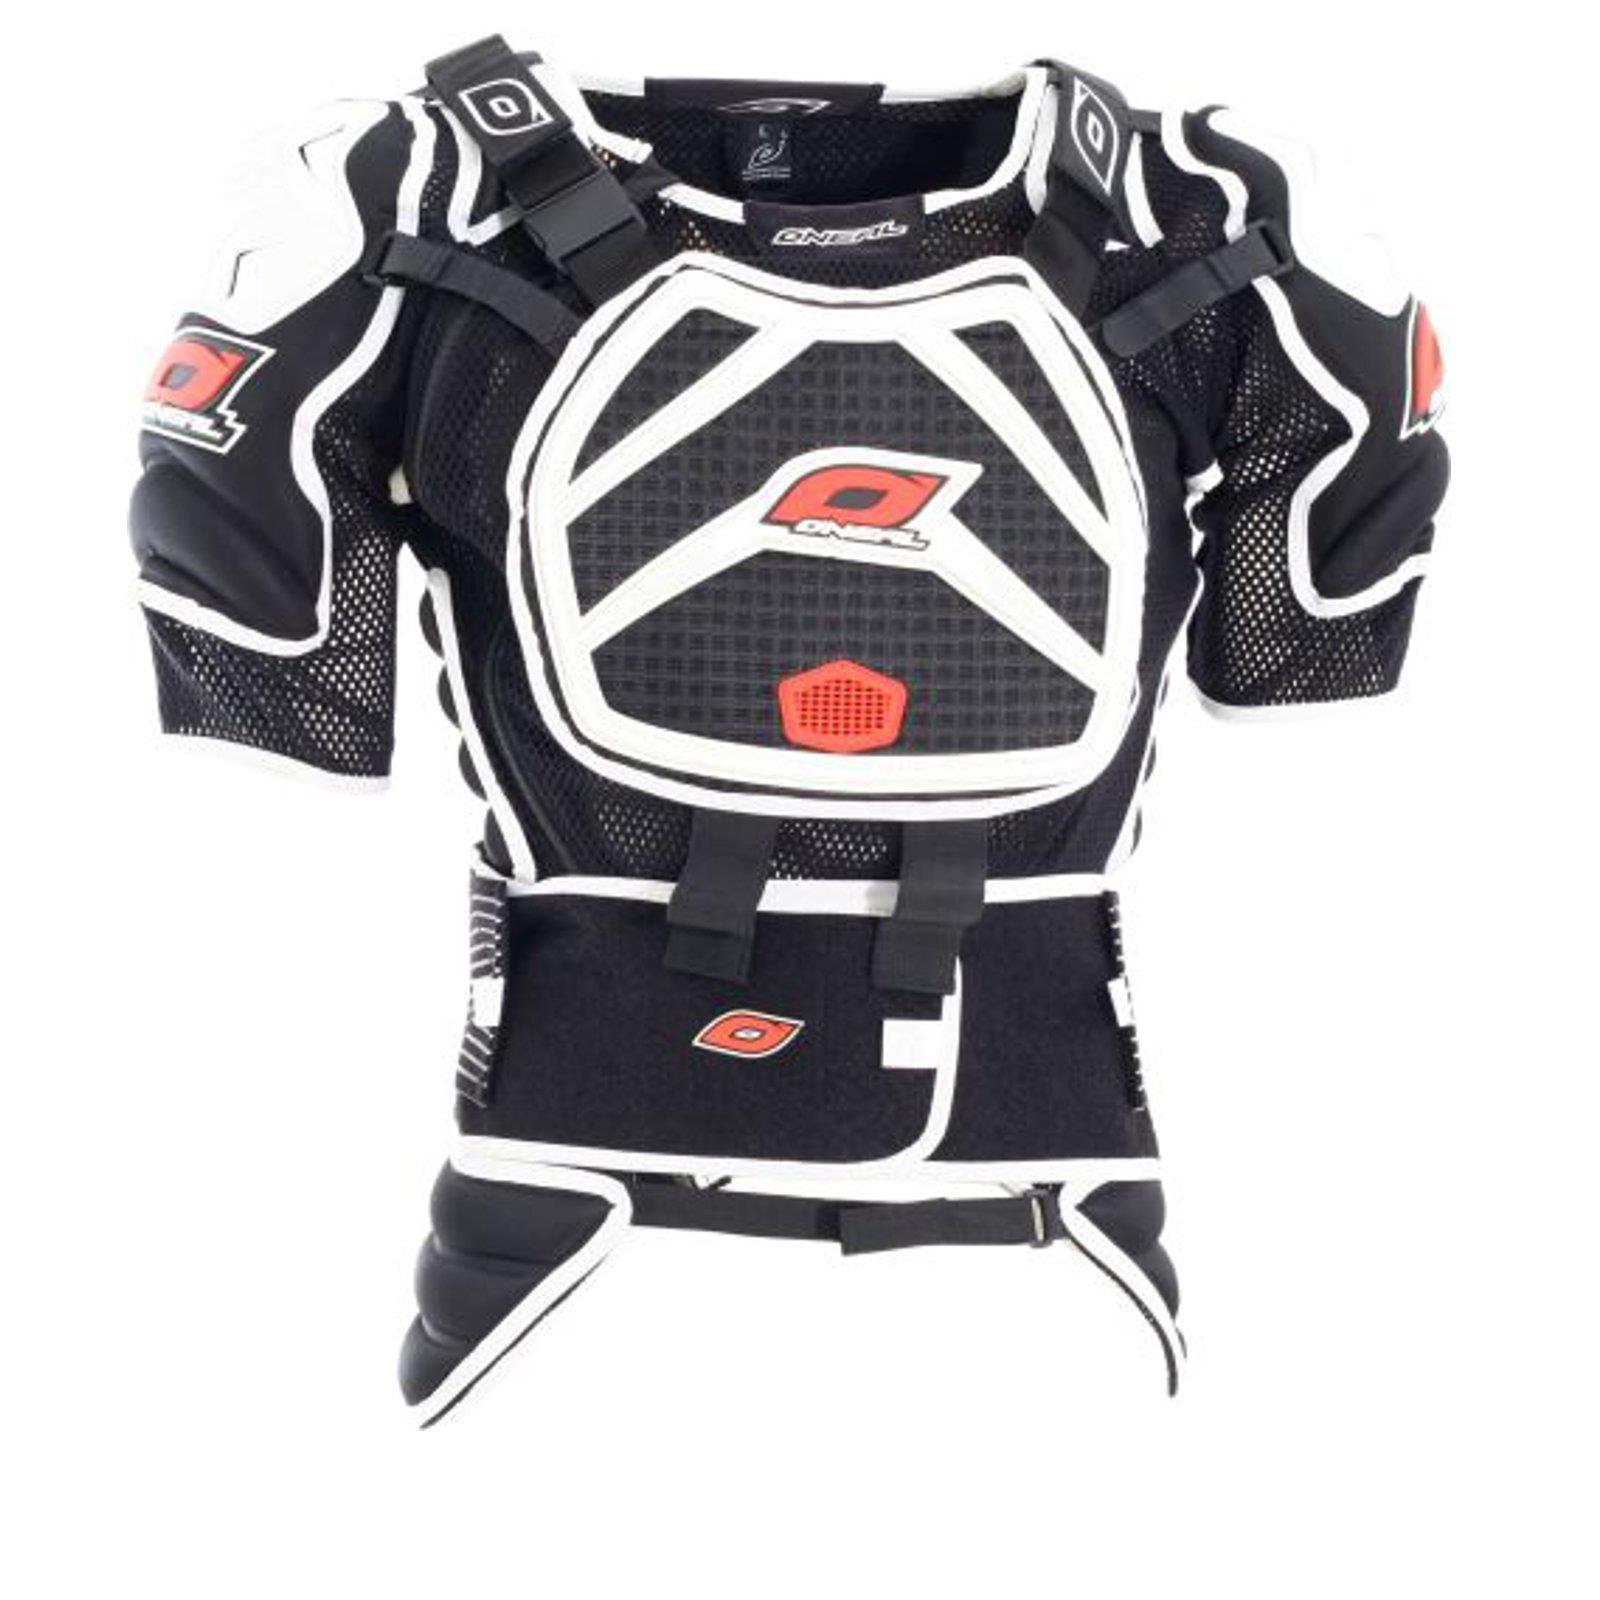 Oneal-protectores-chaqueta-pecho-tanques-chaqueta-moto-cross-FR-DH-proteccion-chaleco-MX-MTB miniatura 21